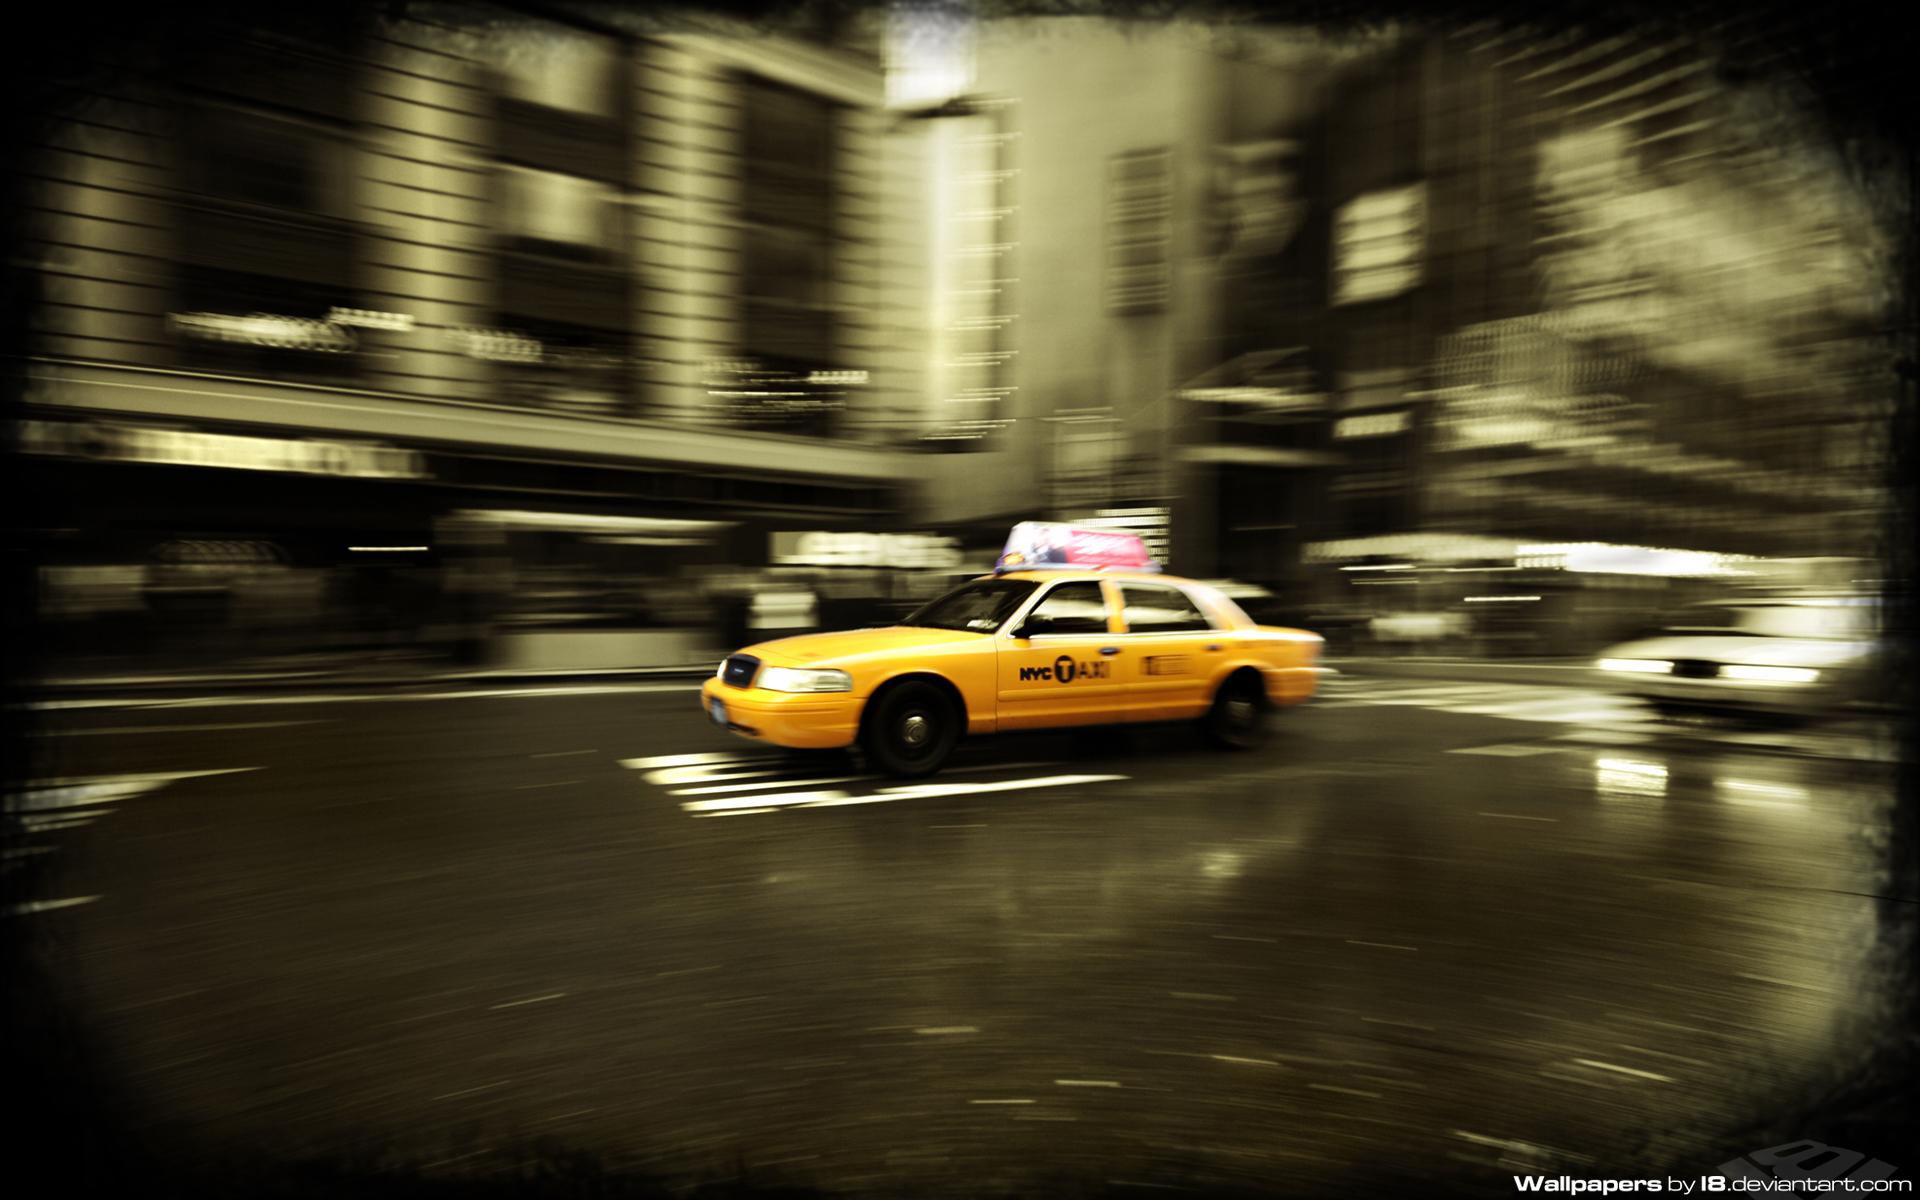 18204 скачать обои Транспорт, Города, Машины - заставки и картинки бесплатно